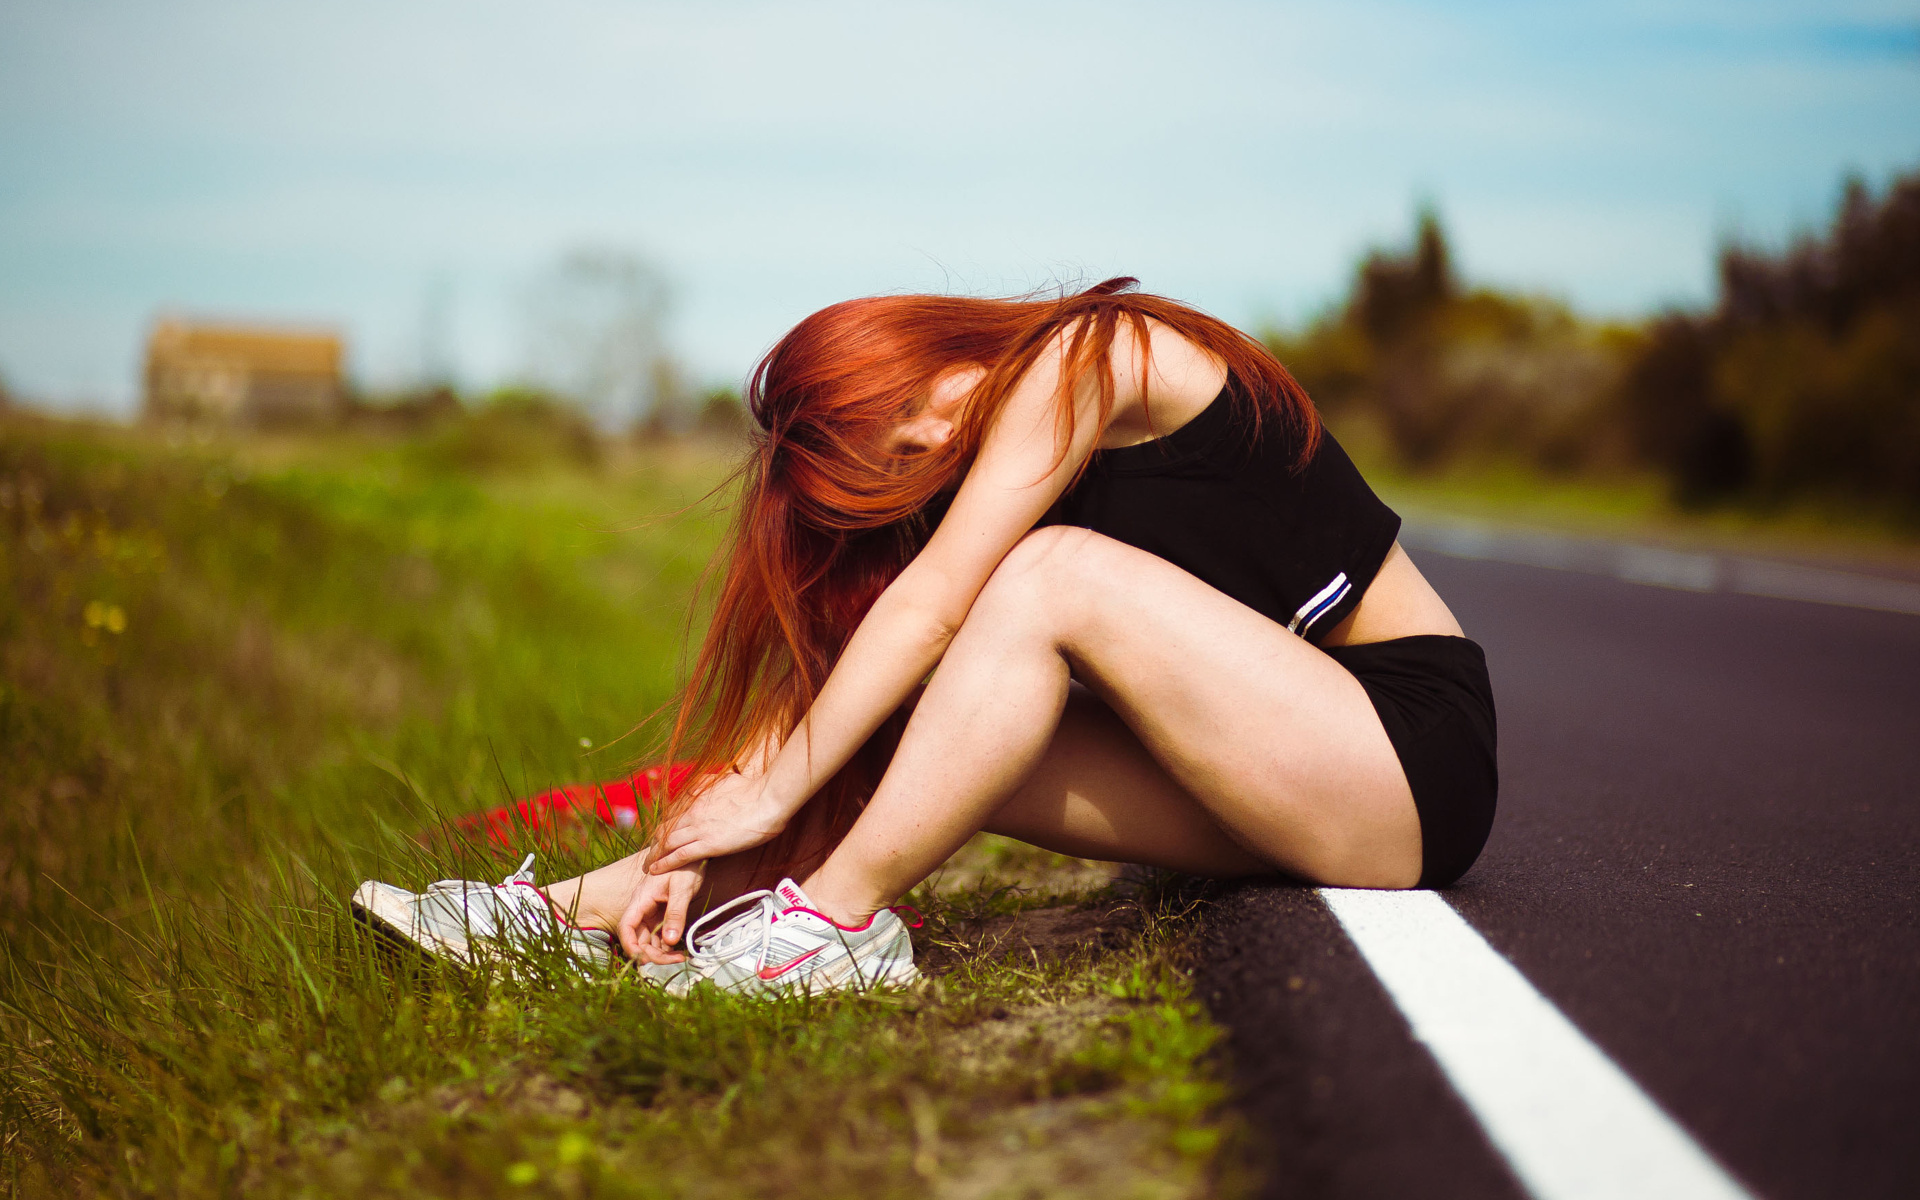 Большегрудую красотку фотки рыжих девчонок со спины красивая порно